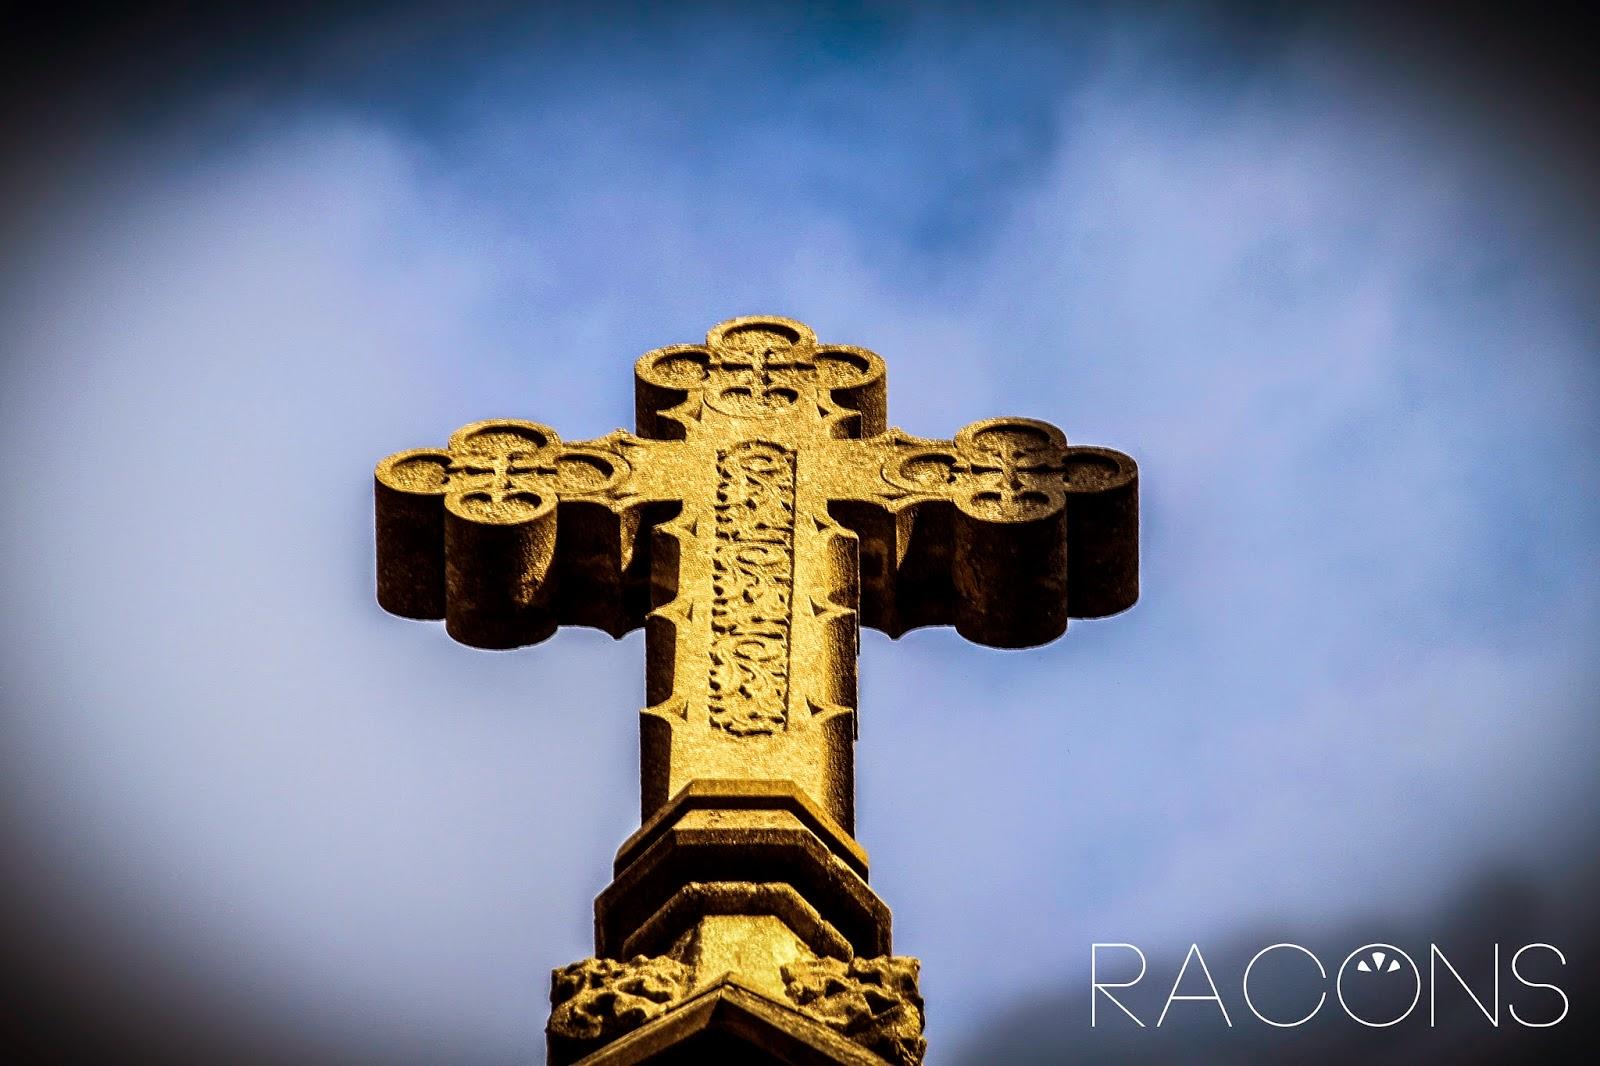 Creu situada a la façana de l'Església del Sagrat Cor girona